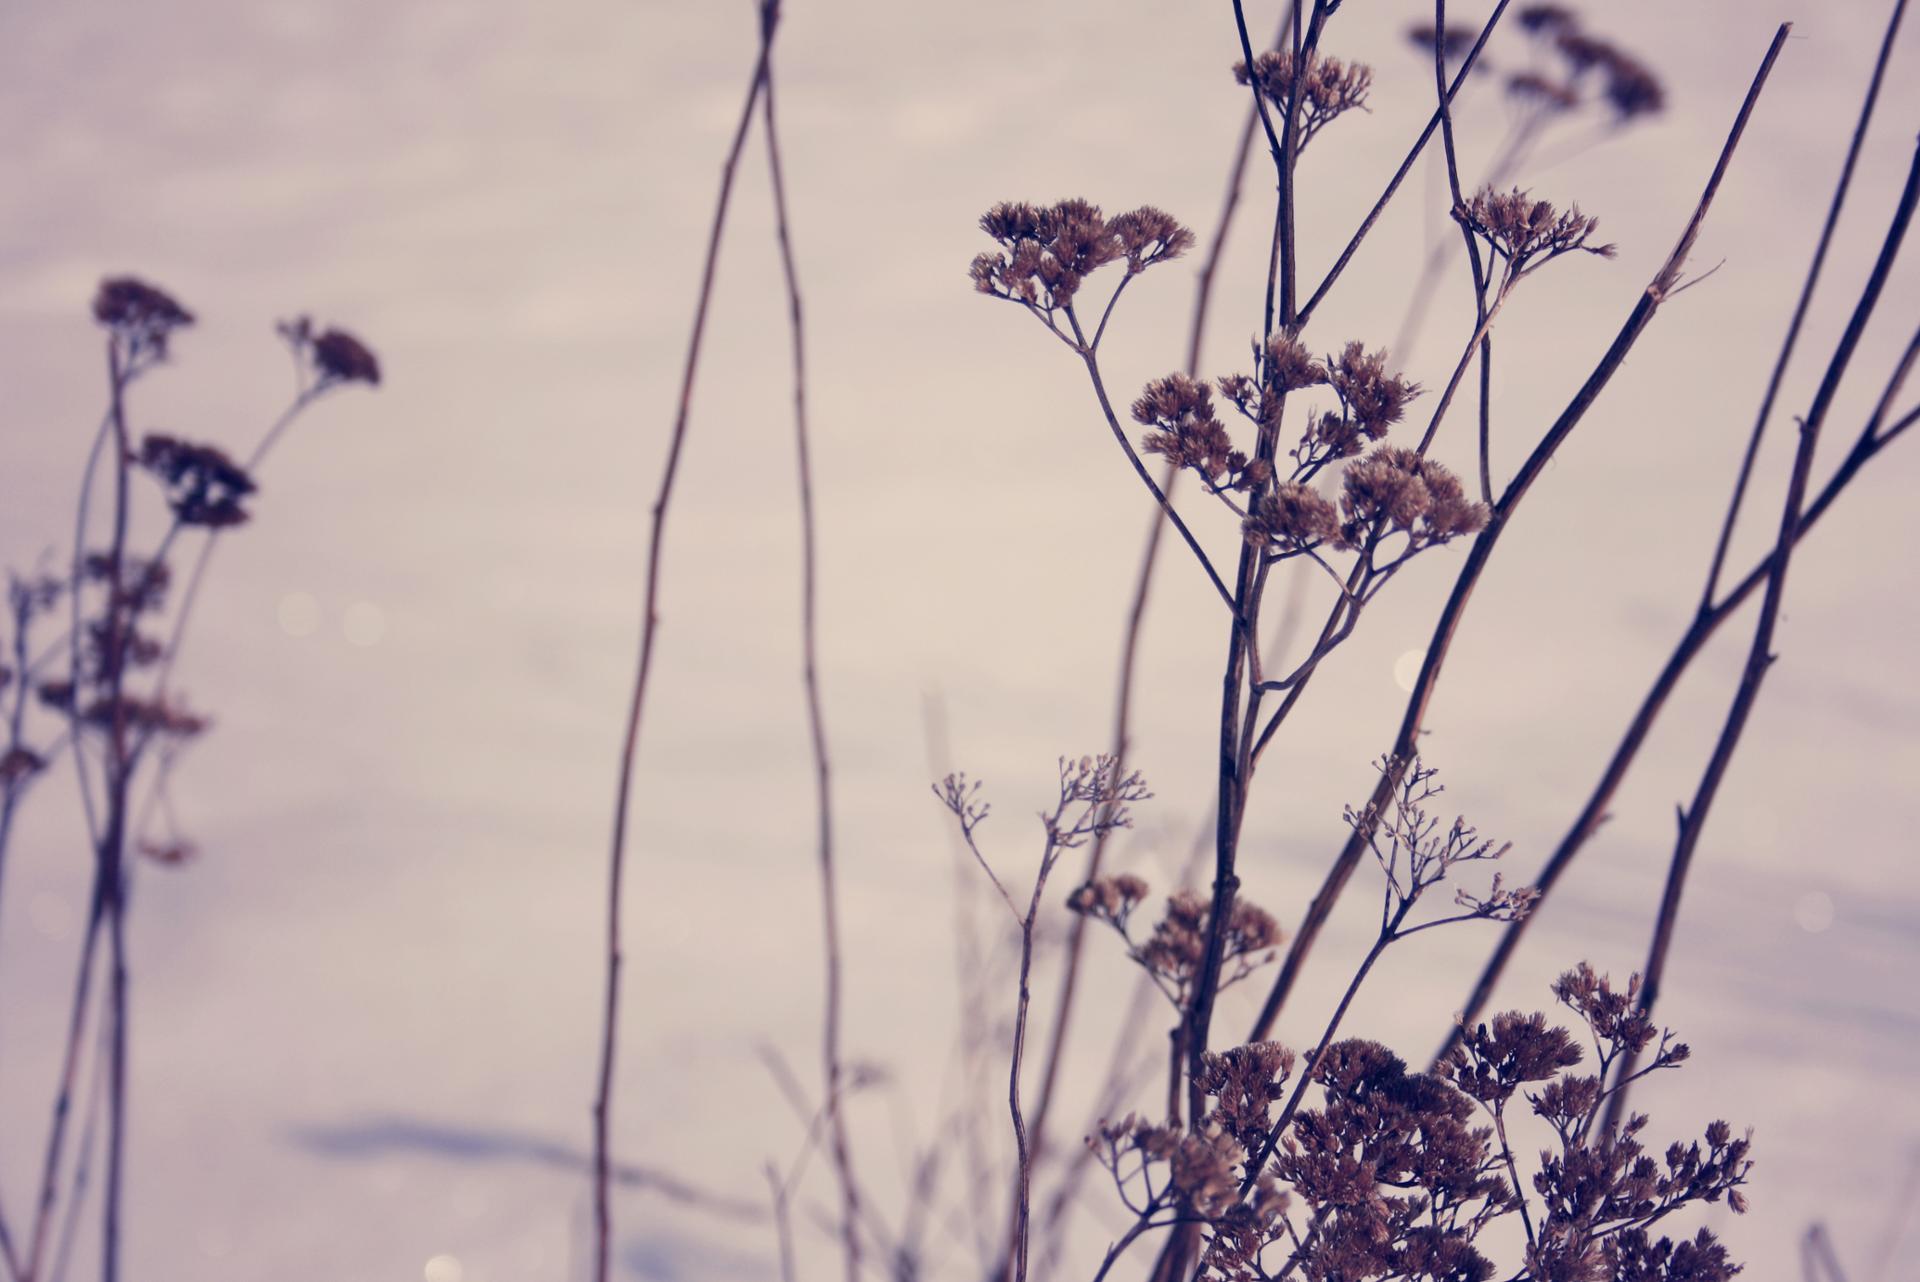 Purple herbes